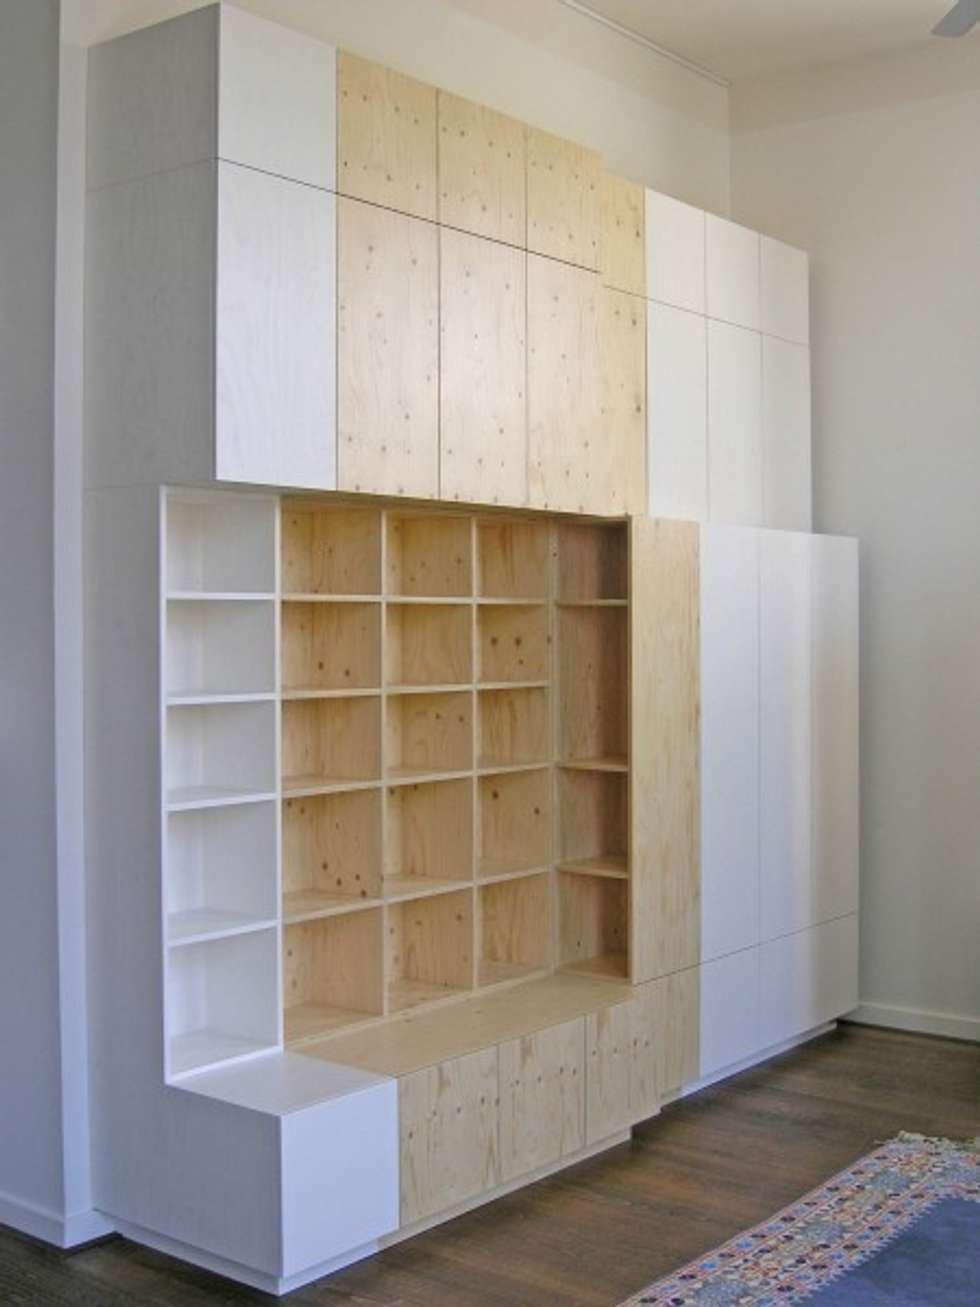 Diverse kasten in opdracht voor particulieren: moderne woonkamer ...